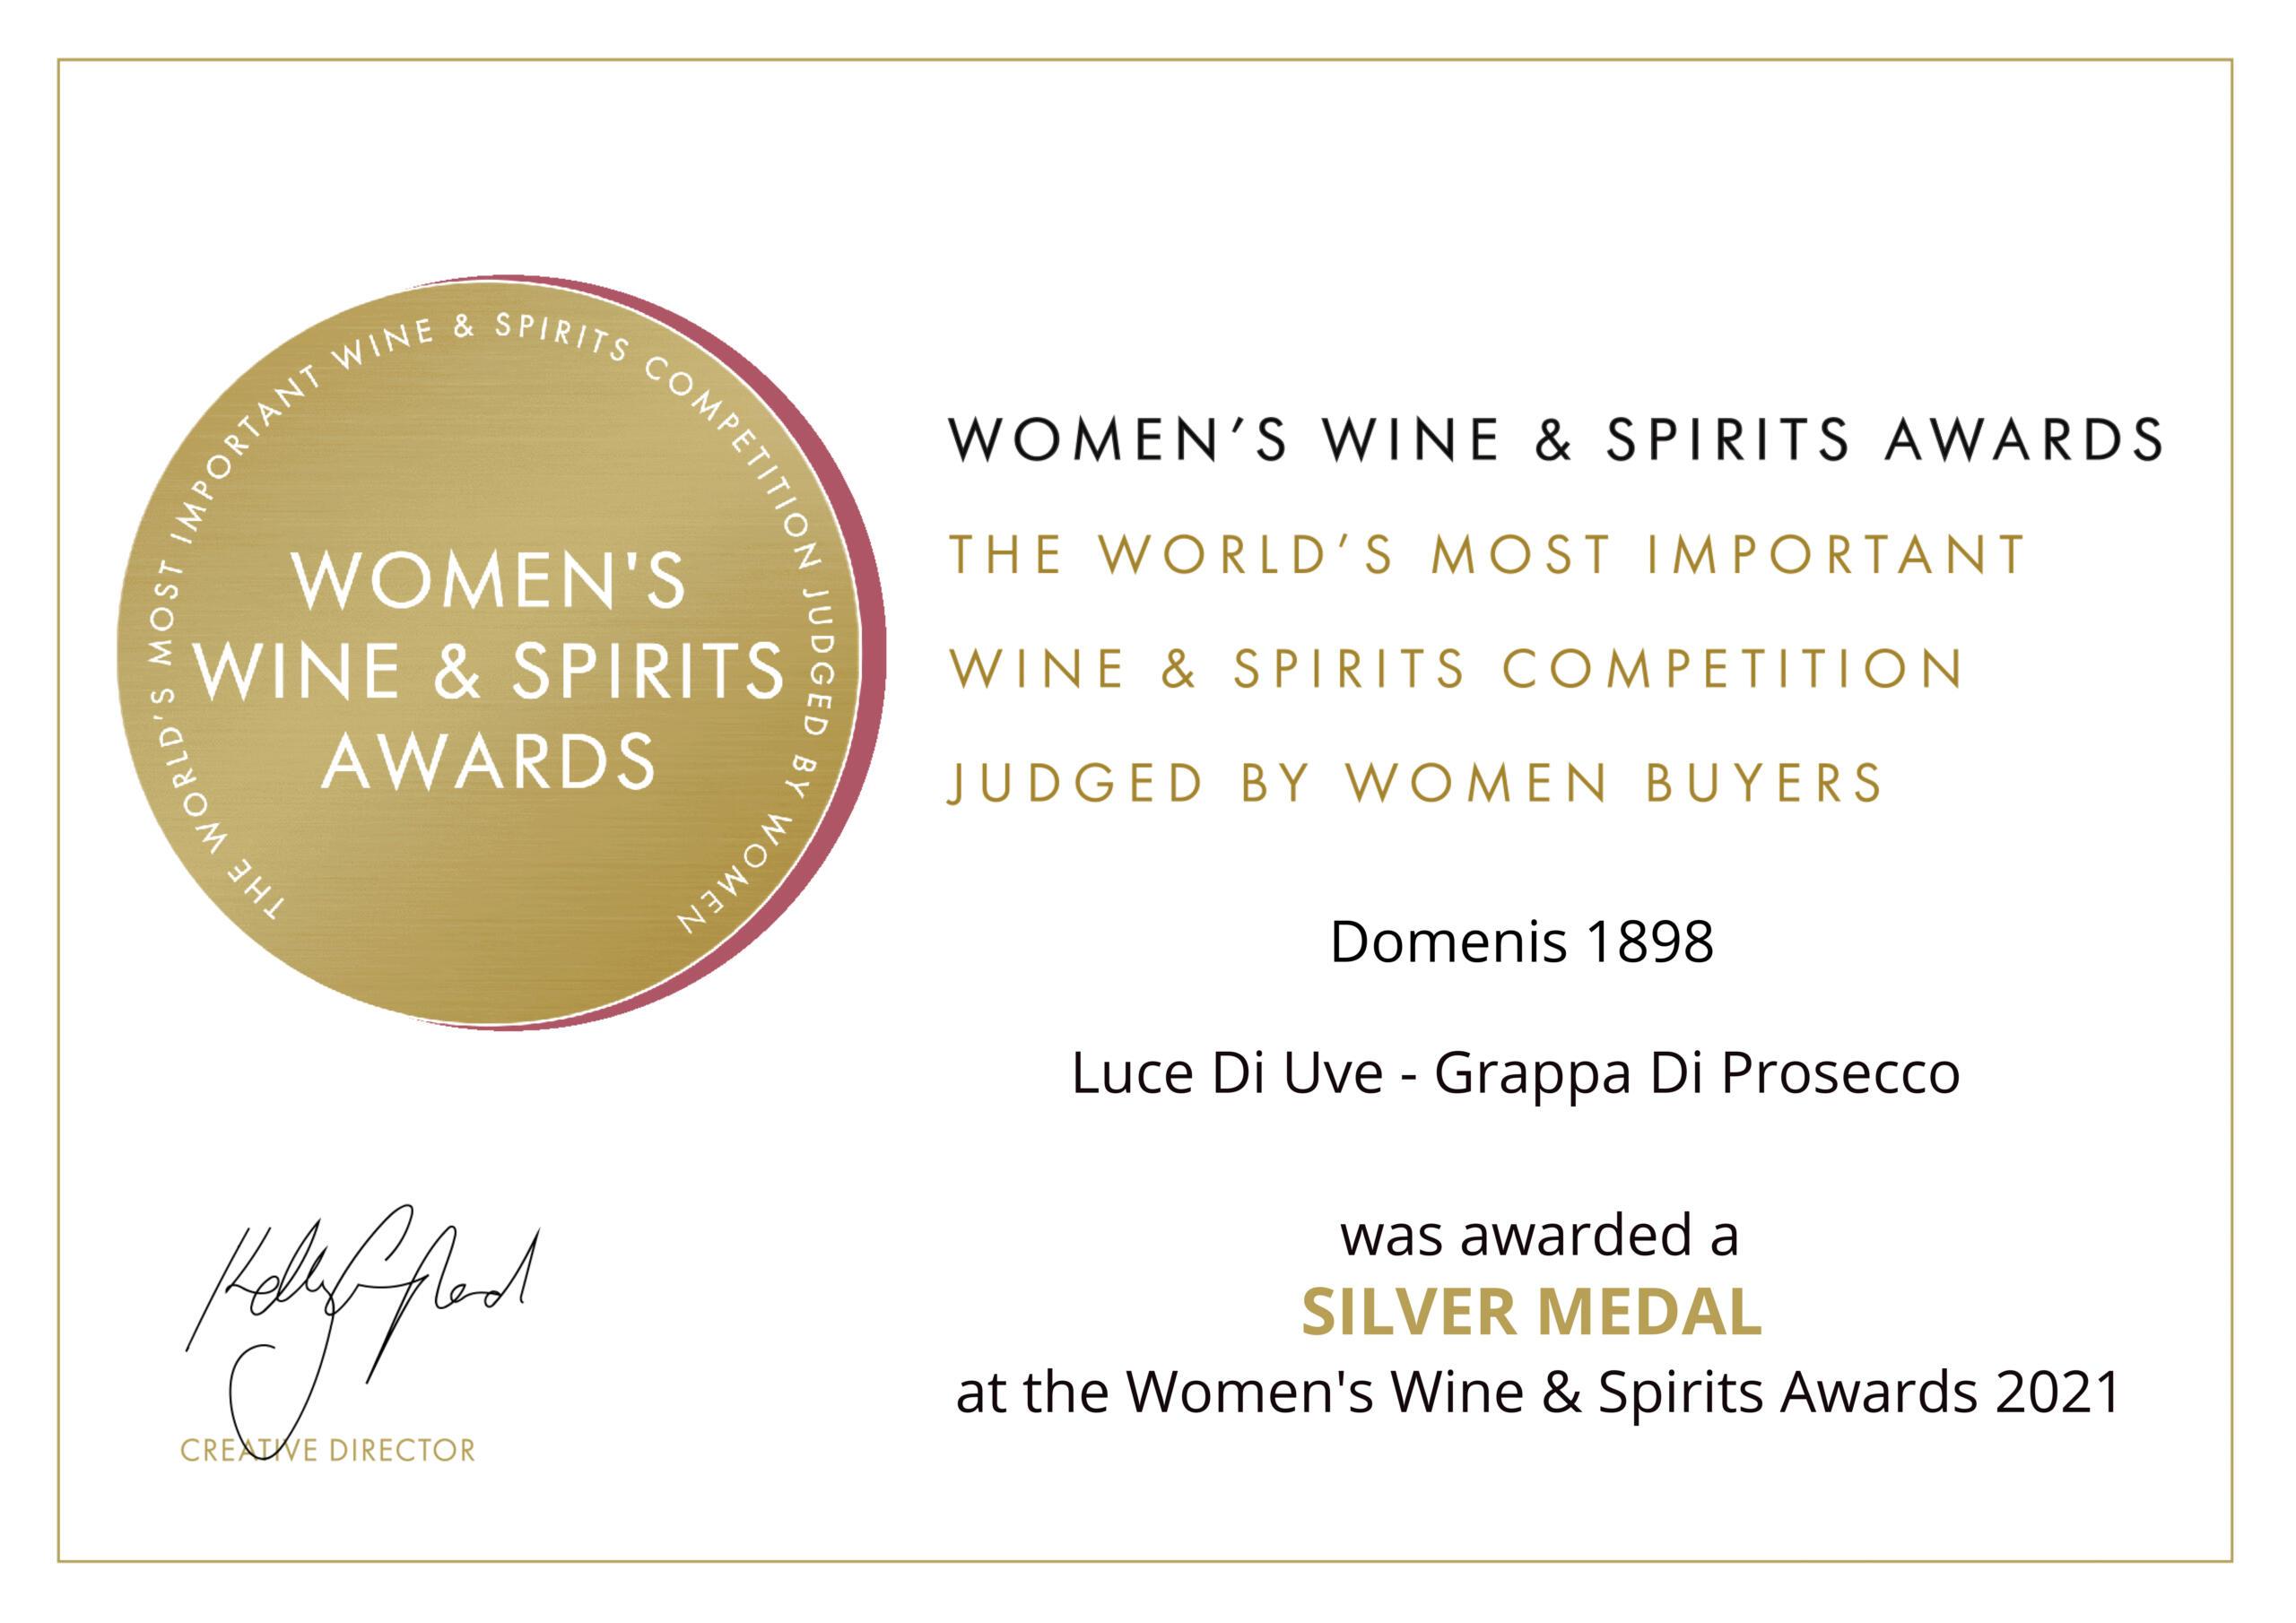 Women's Wine & Spirit Awards 2021 – Silver Medal – Luce Di Uve – Grappa di Prosecco